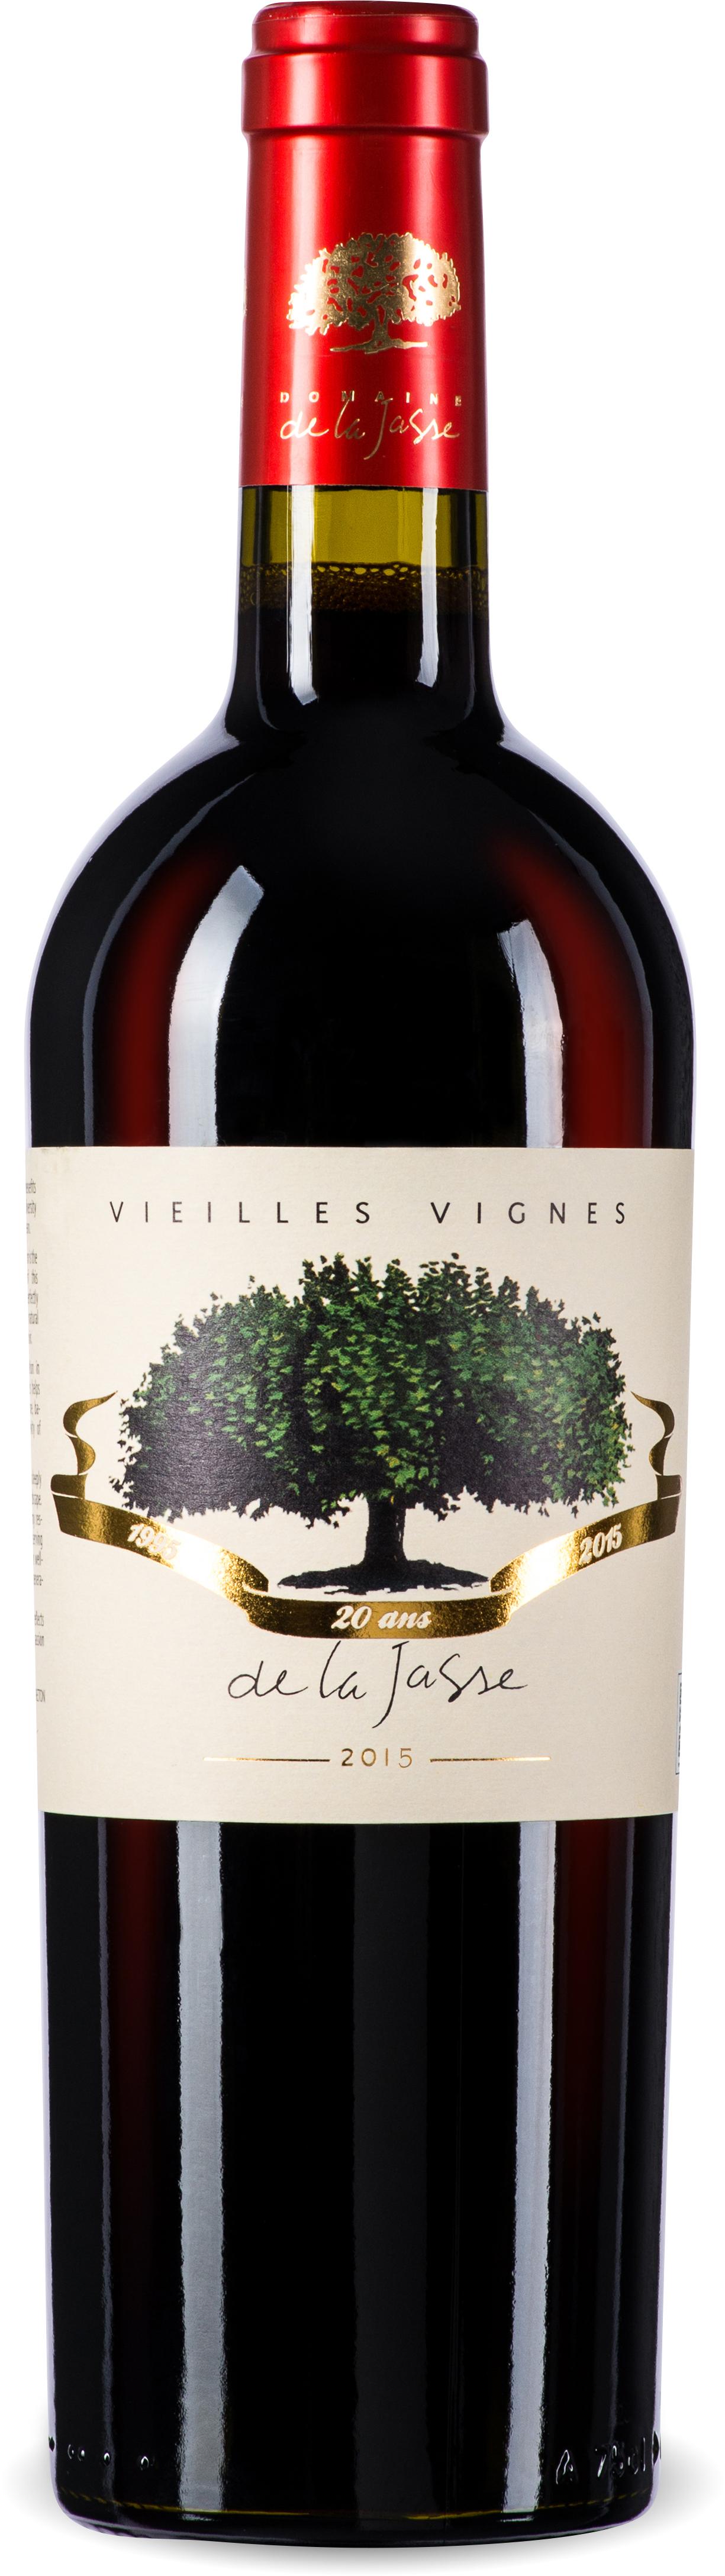 Domaine de La Jasse Vieilles Vignes Cabernet Sauvignon-Merlot IGP Pays d'Oc